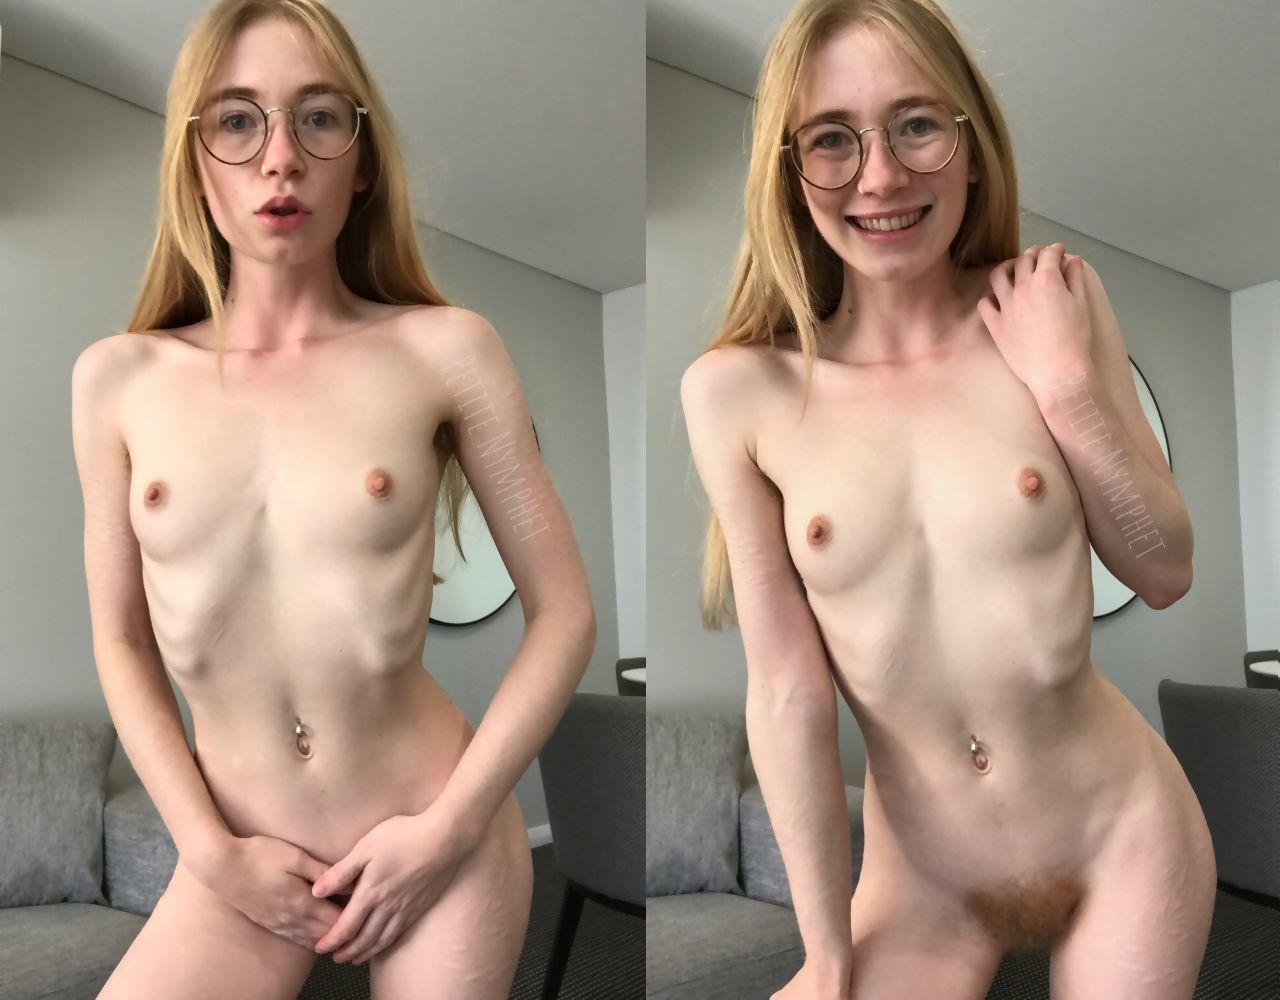 punishing dreams goldie rush having rough sex